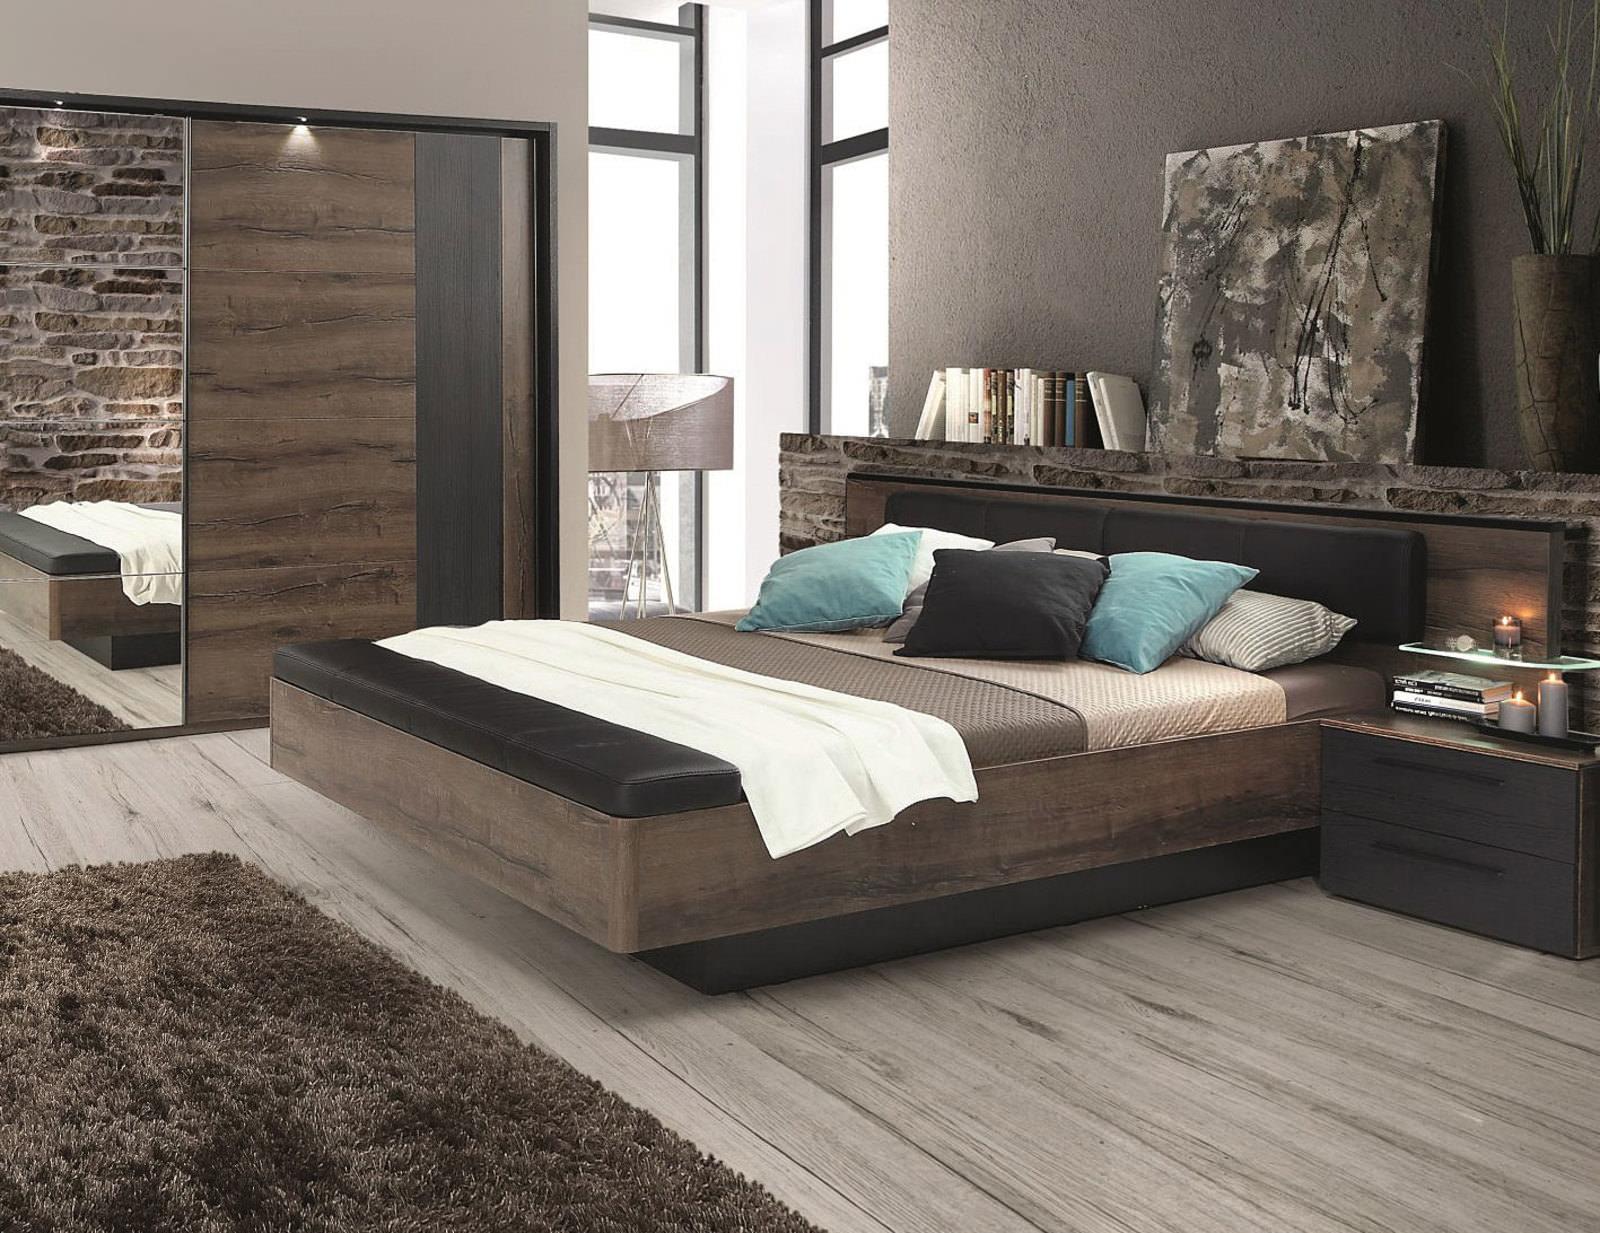 schlafzimmer online gestalten kostenlos hotel schlafzimmer billerbeck kopfkissen 80x80. Black Bedroom Furniture Sets. Home Design Ideas